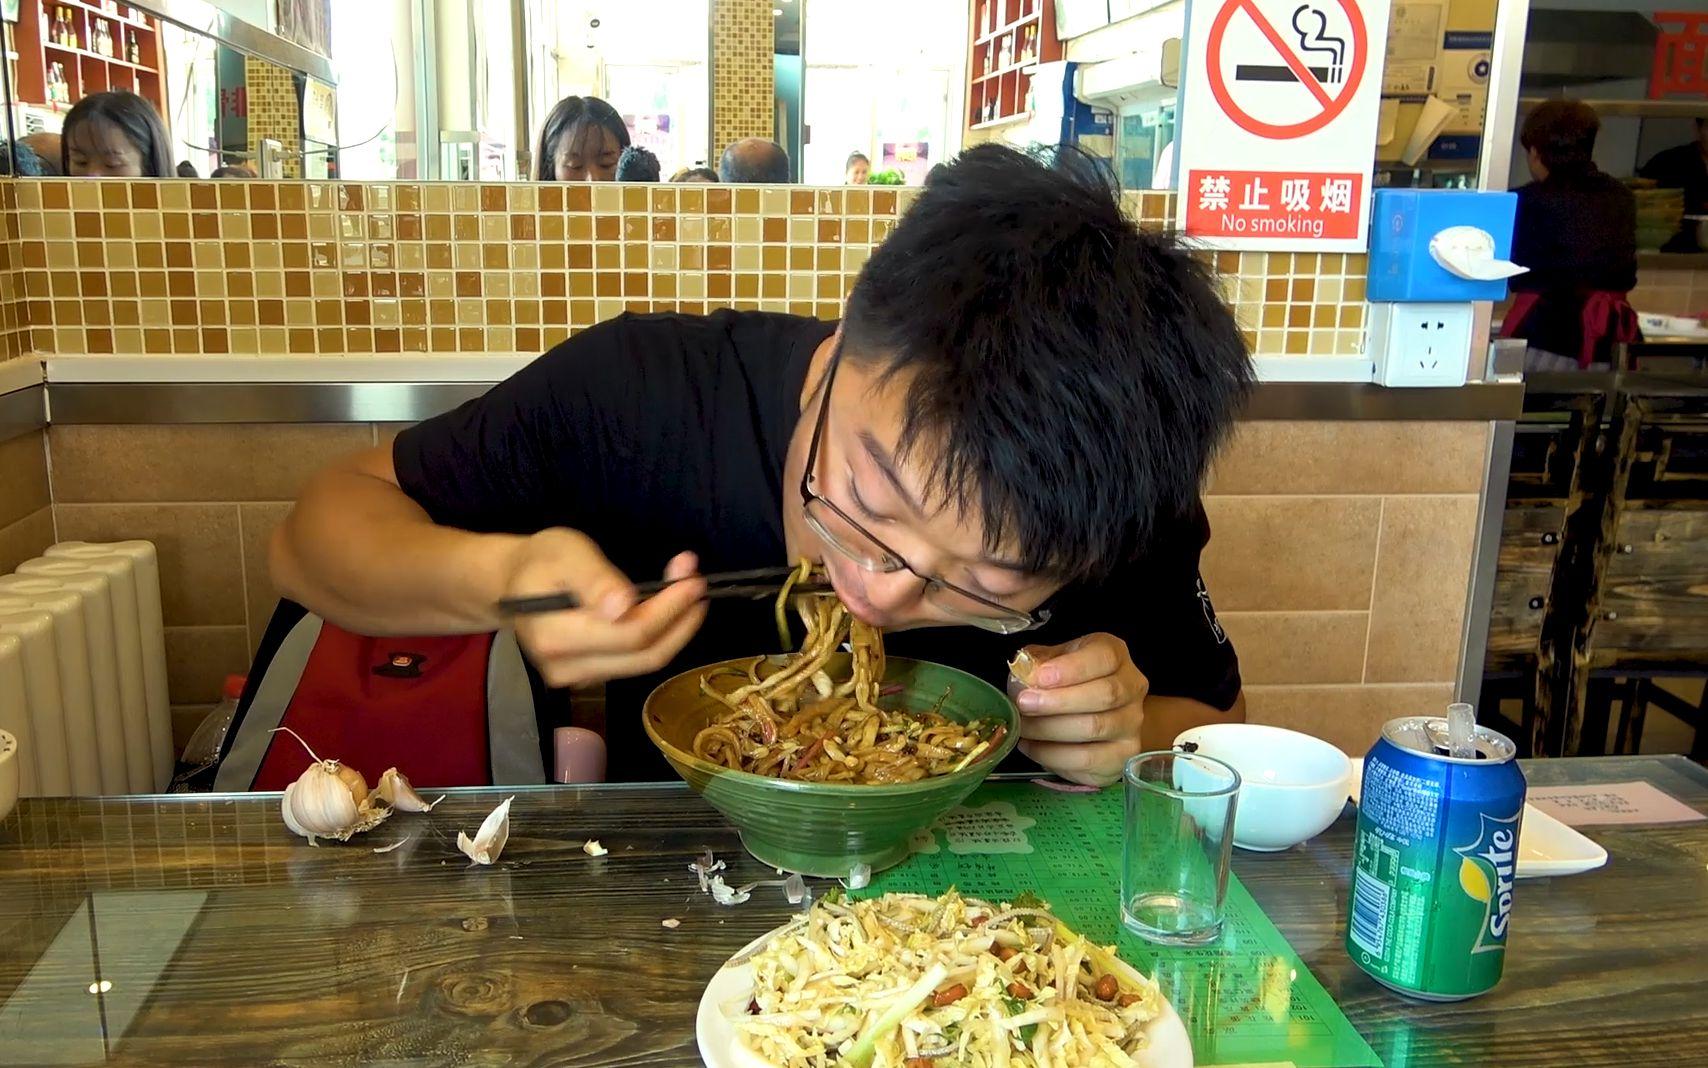 大sao来北京第一餐,老北京炸酱面配凉拌菜 ,大蒜每桌都有,过瘾